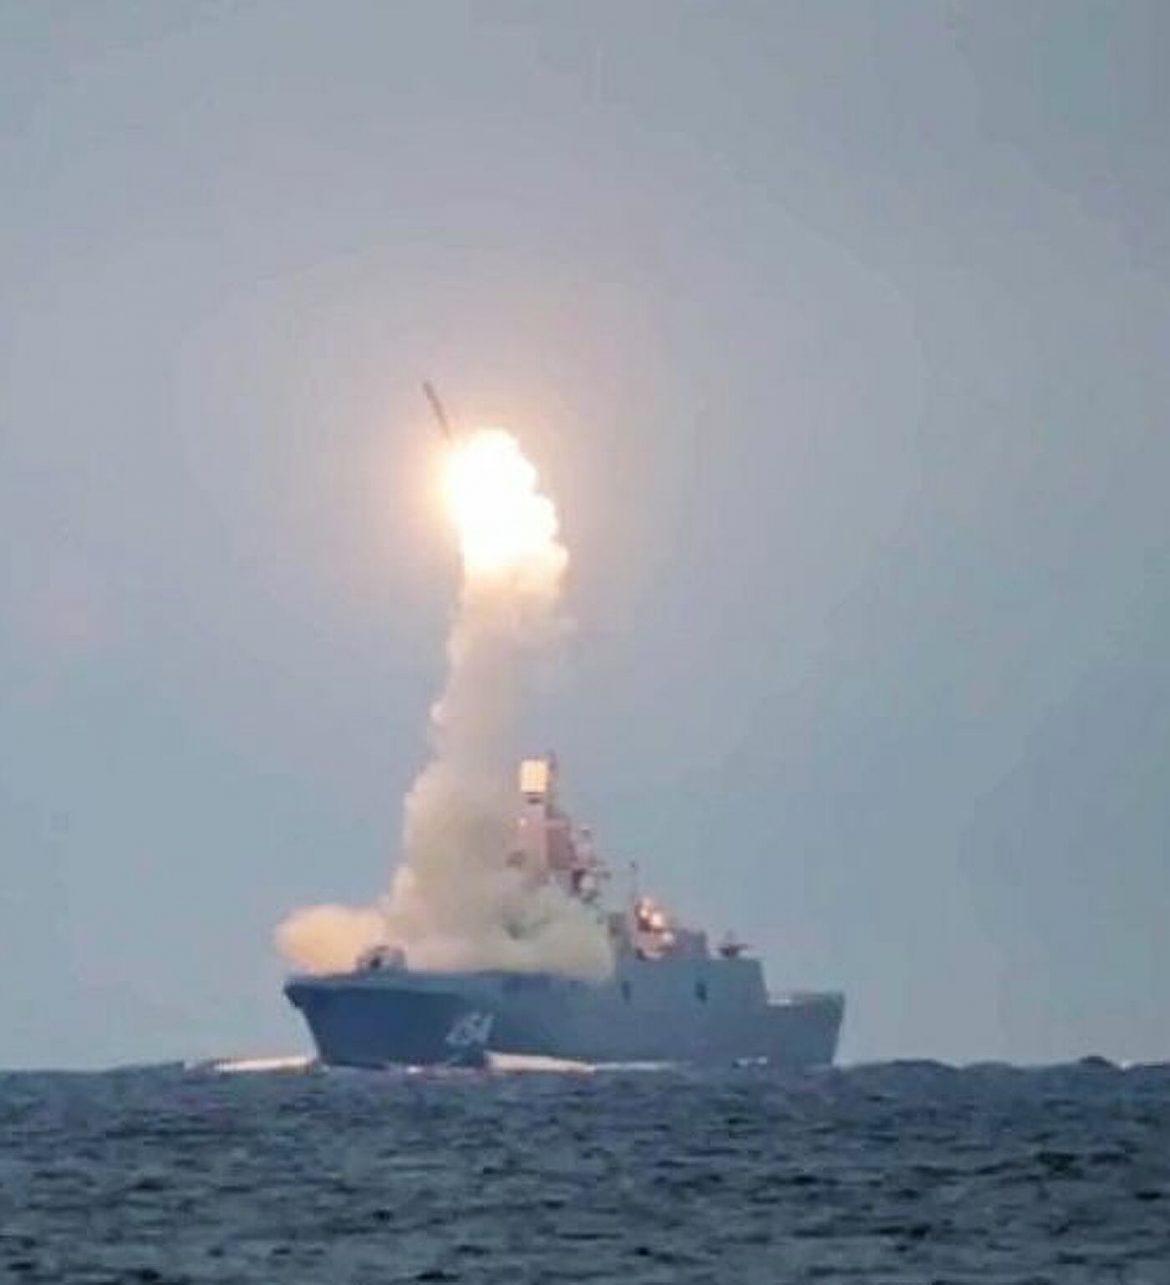 Ruska vojska uspešno lansirala supersoničnu krstareću raketu